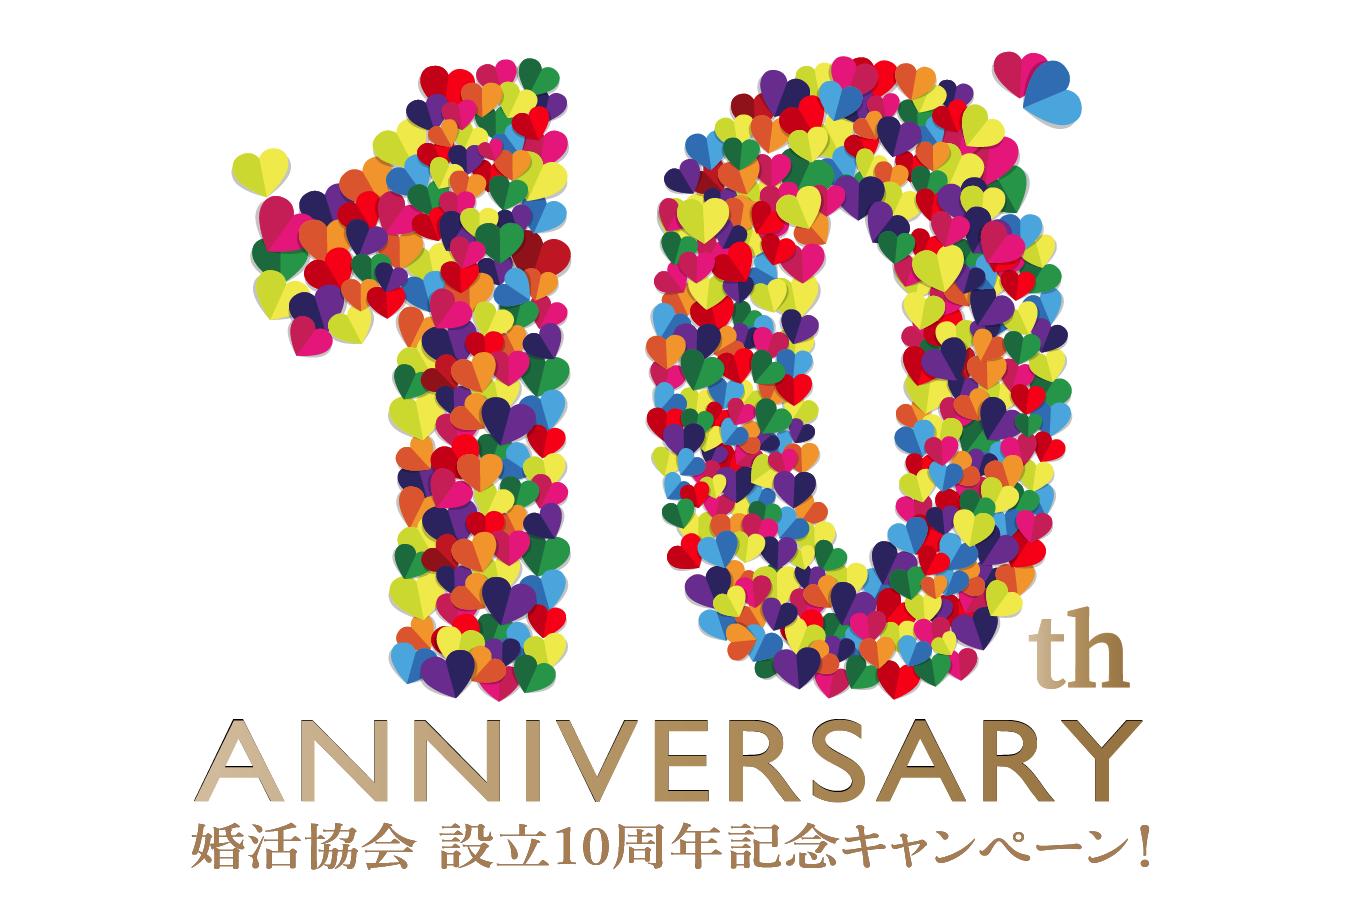 おかげさまで設立10周年!皆様への感謝を込めて記念キャンペーン開催〈10月31日迄〉~